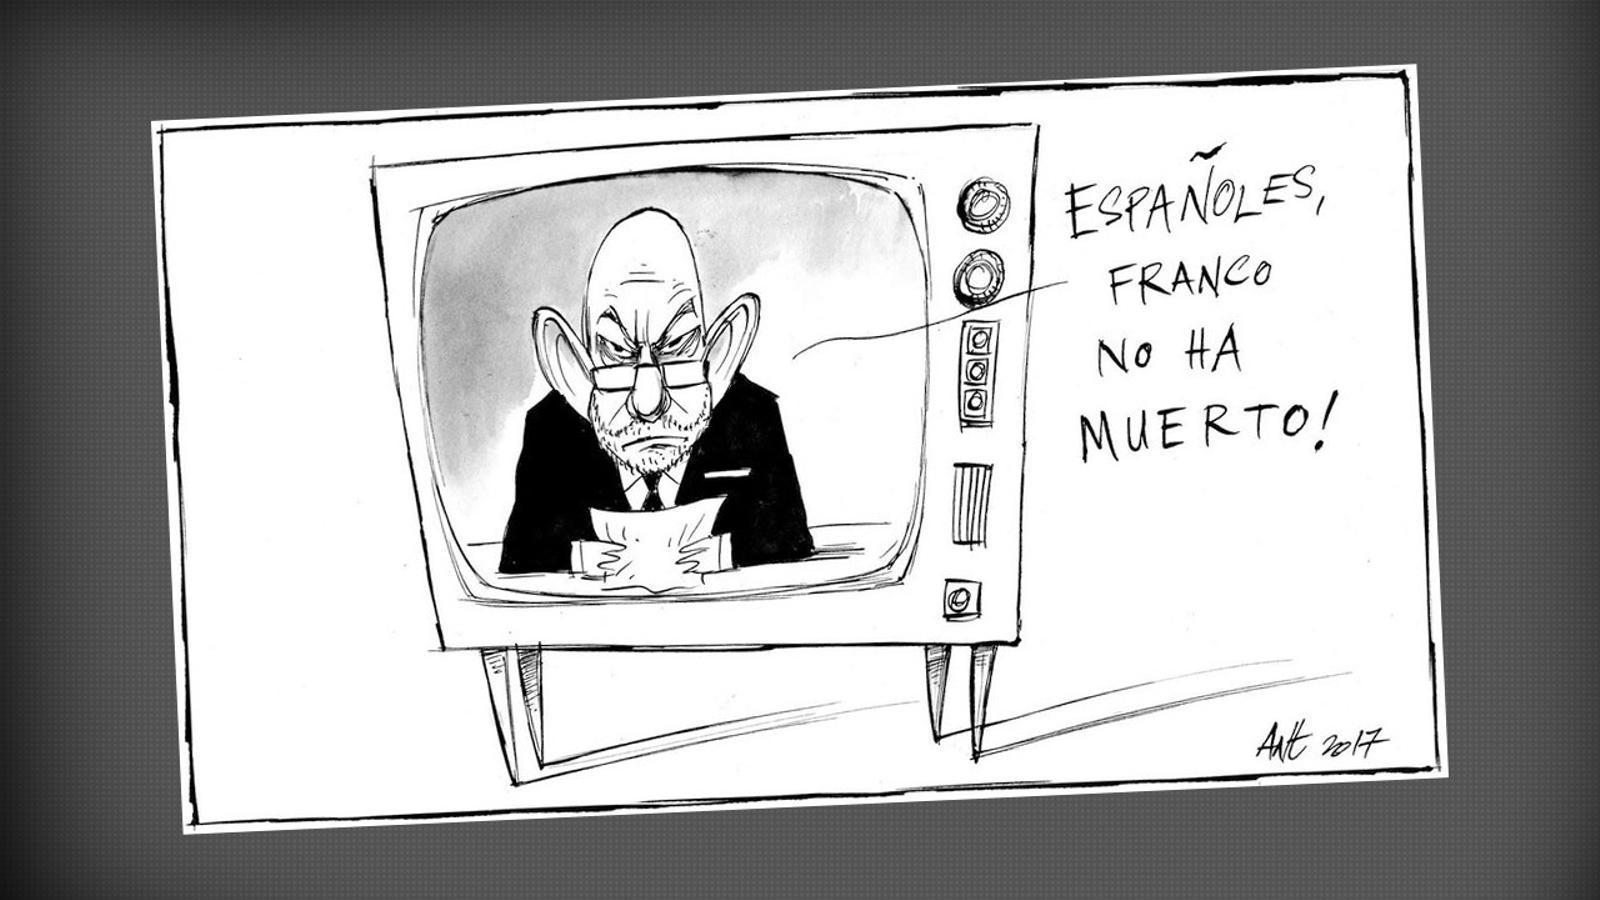 L'anàlisi d'Antoni Bassas: 'Estat d'excepció'